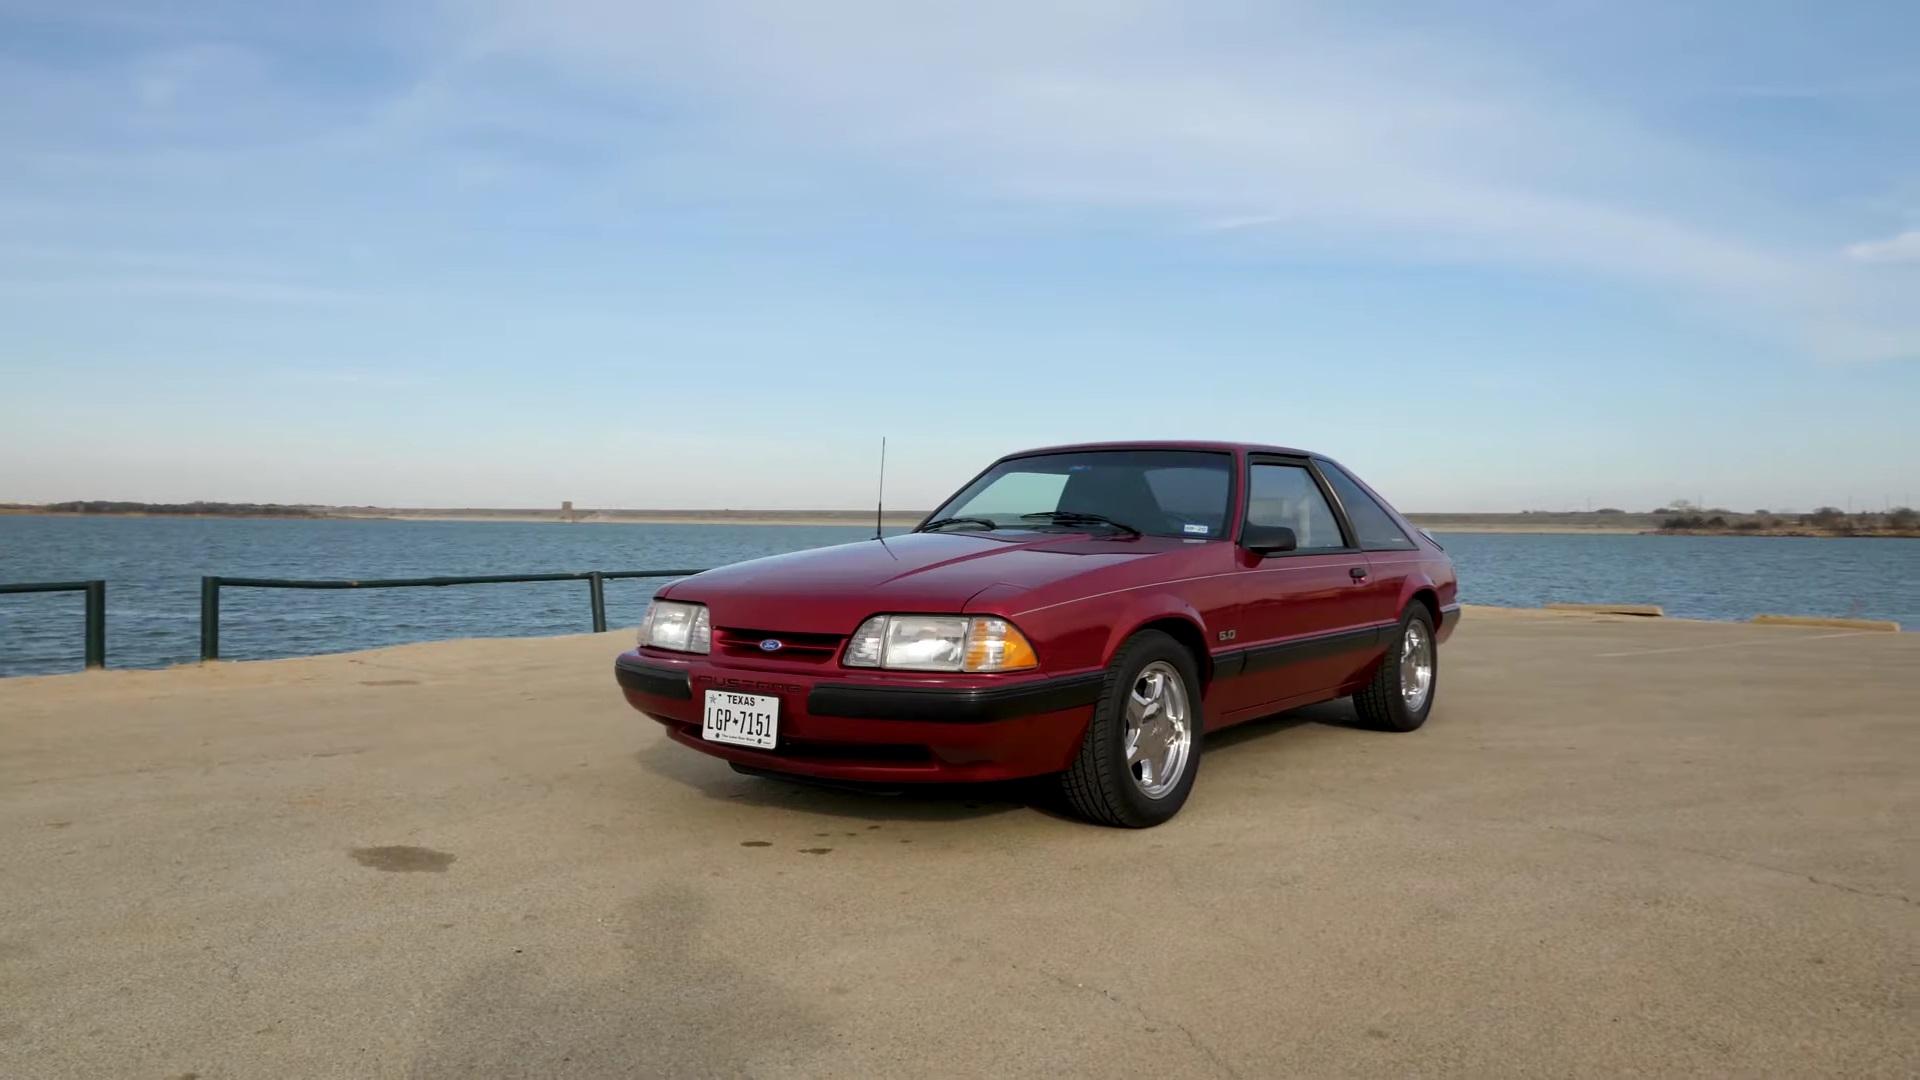 1989 Mustang 5.0 Specs